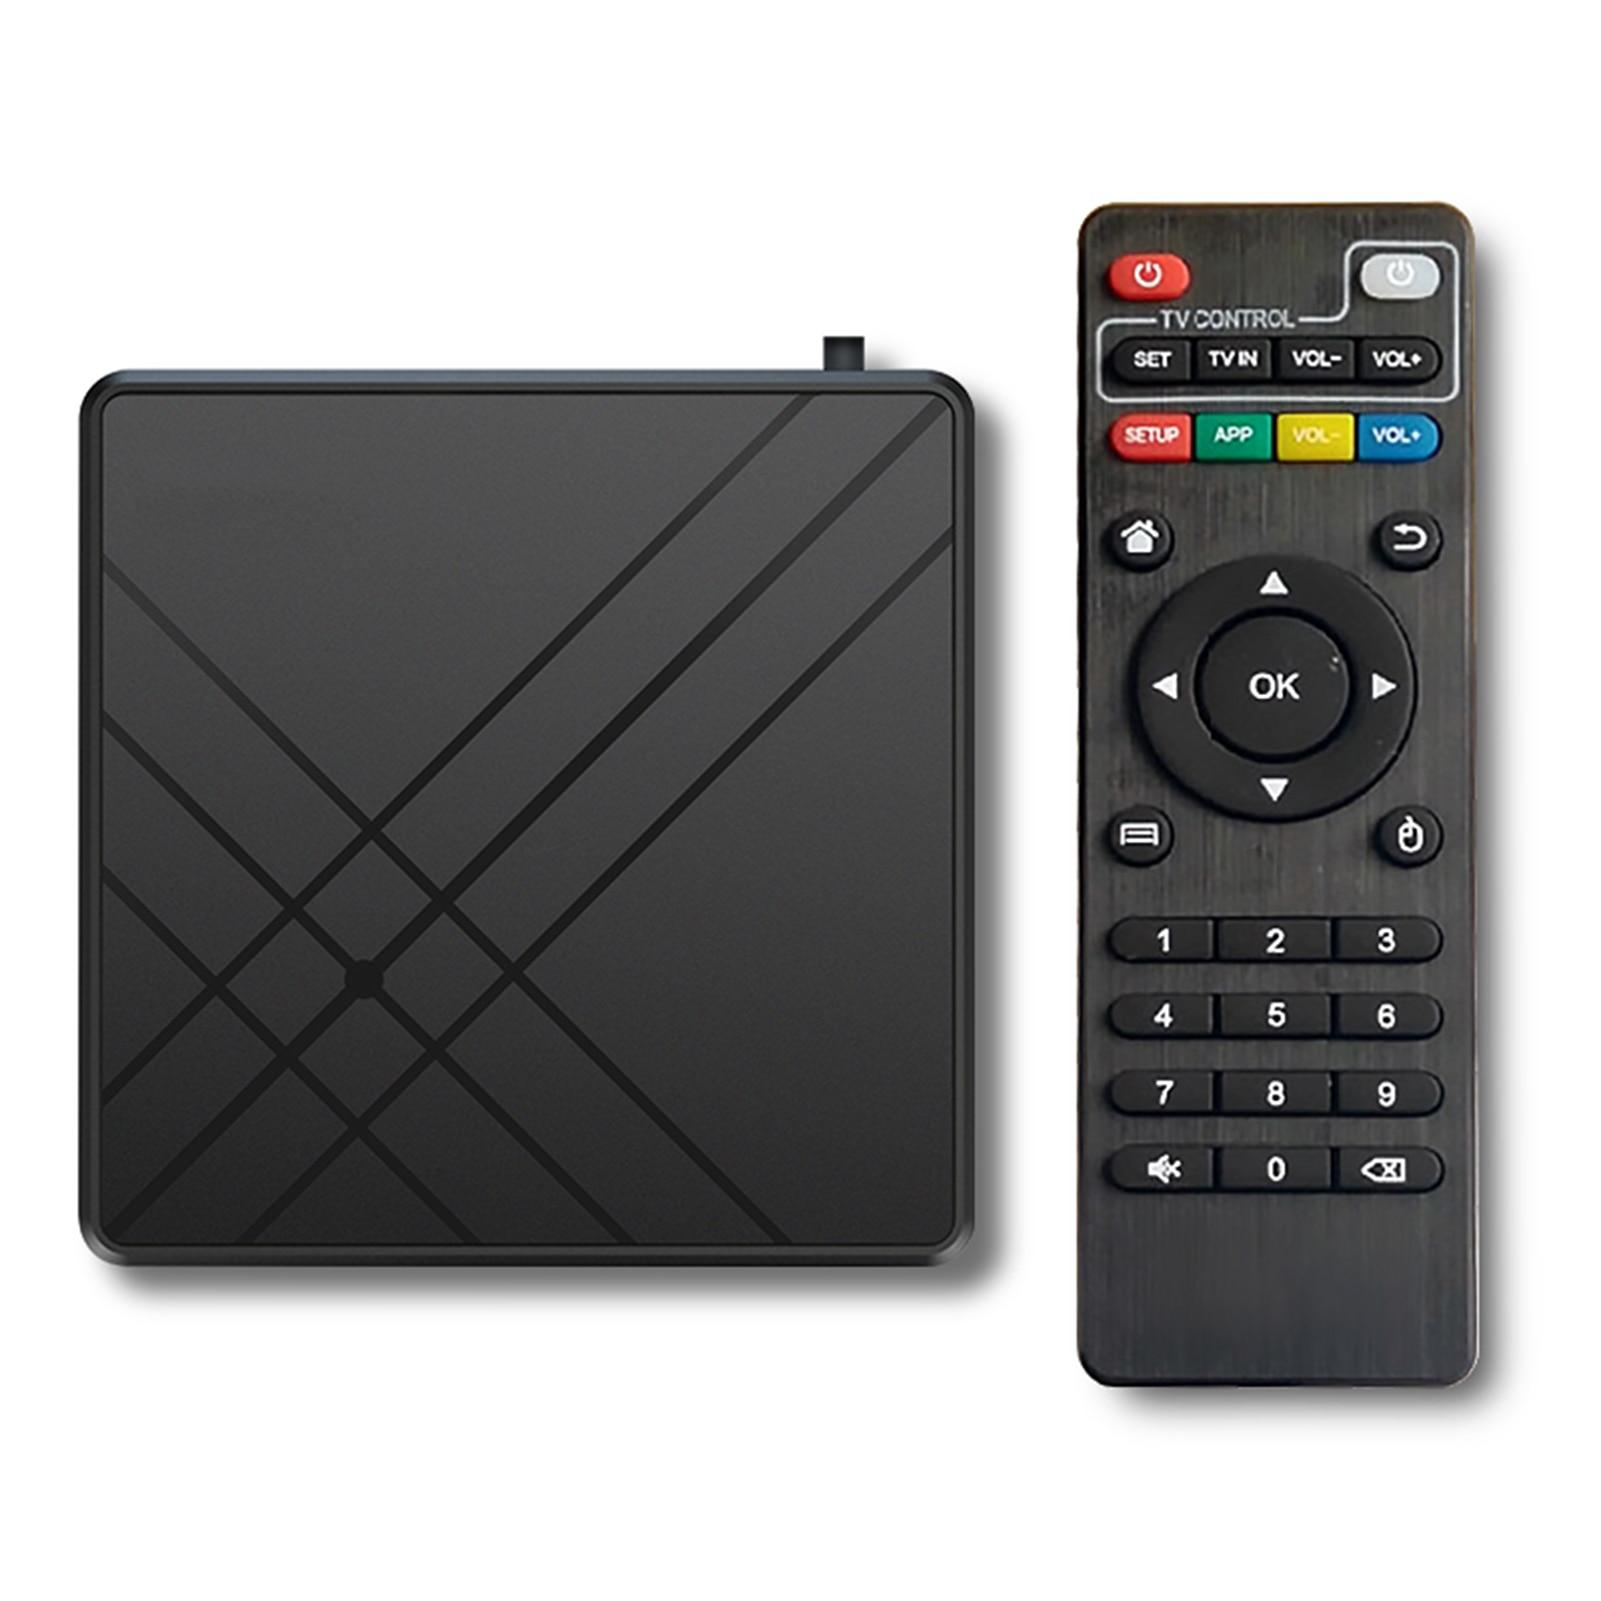 Caja de TV Android 9 T95 4GB de RAM 32GB Quad Core...